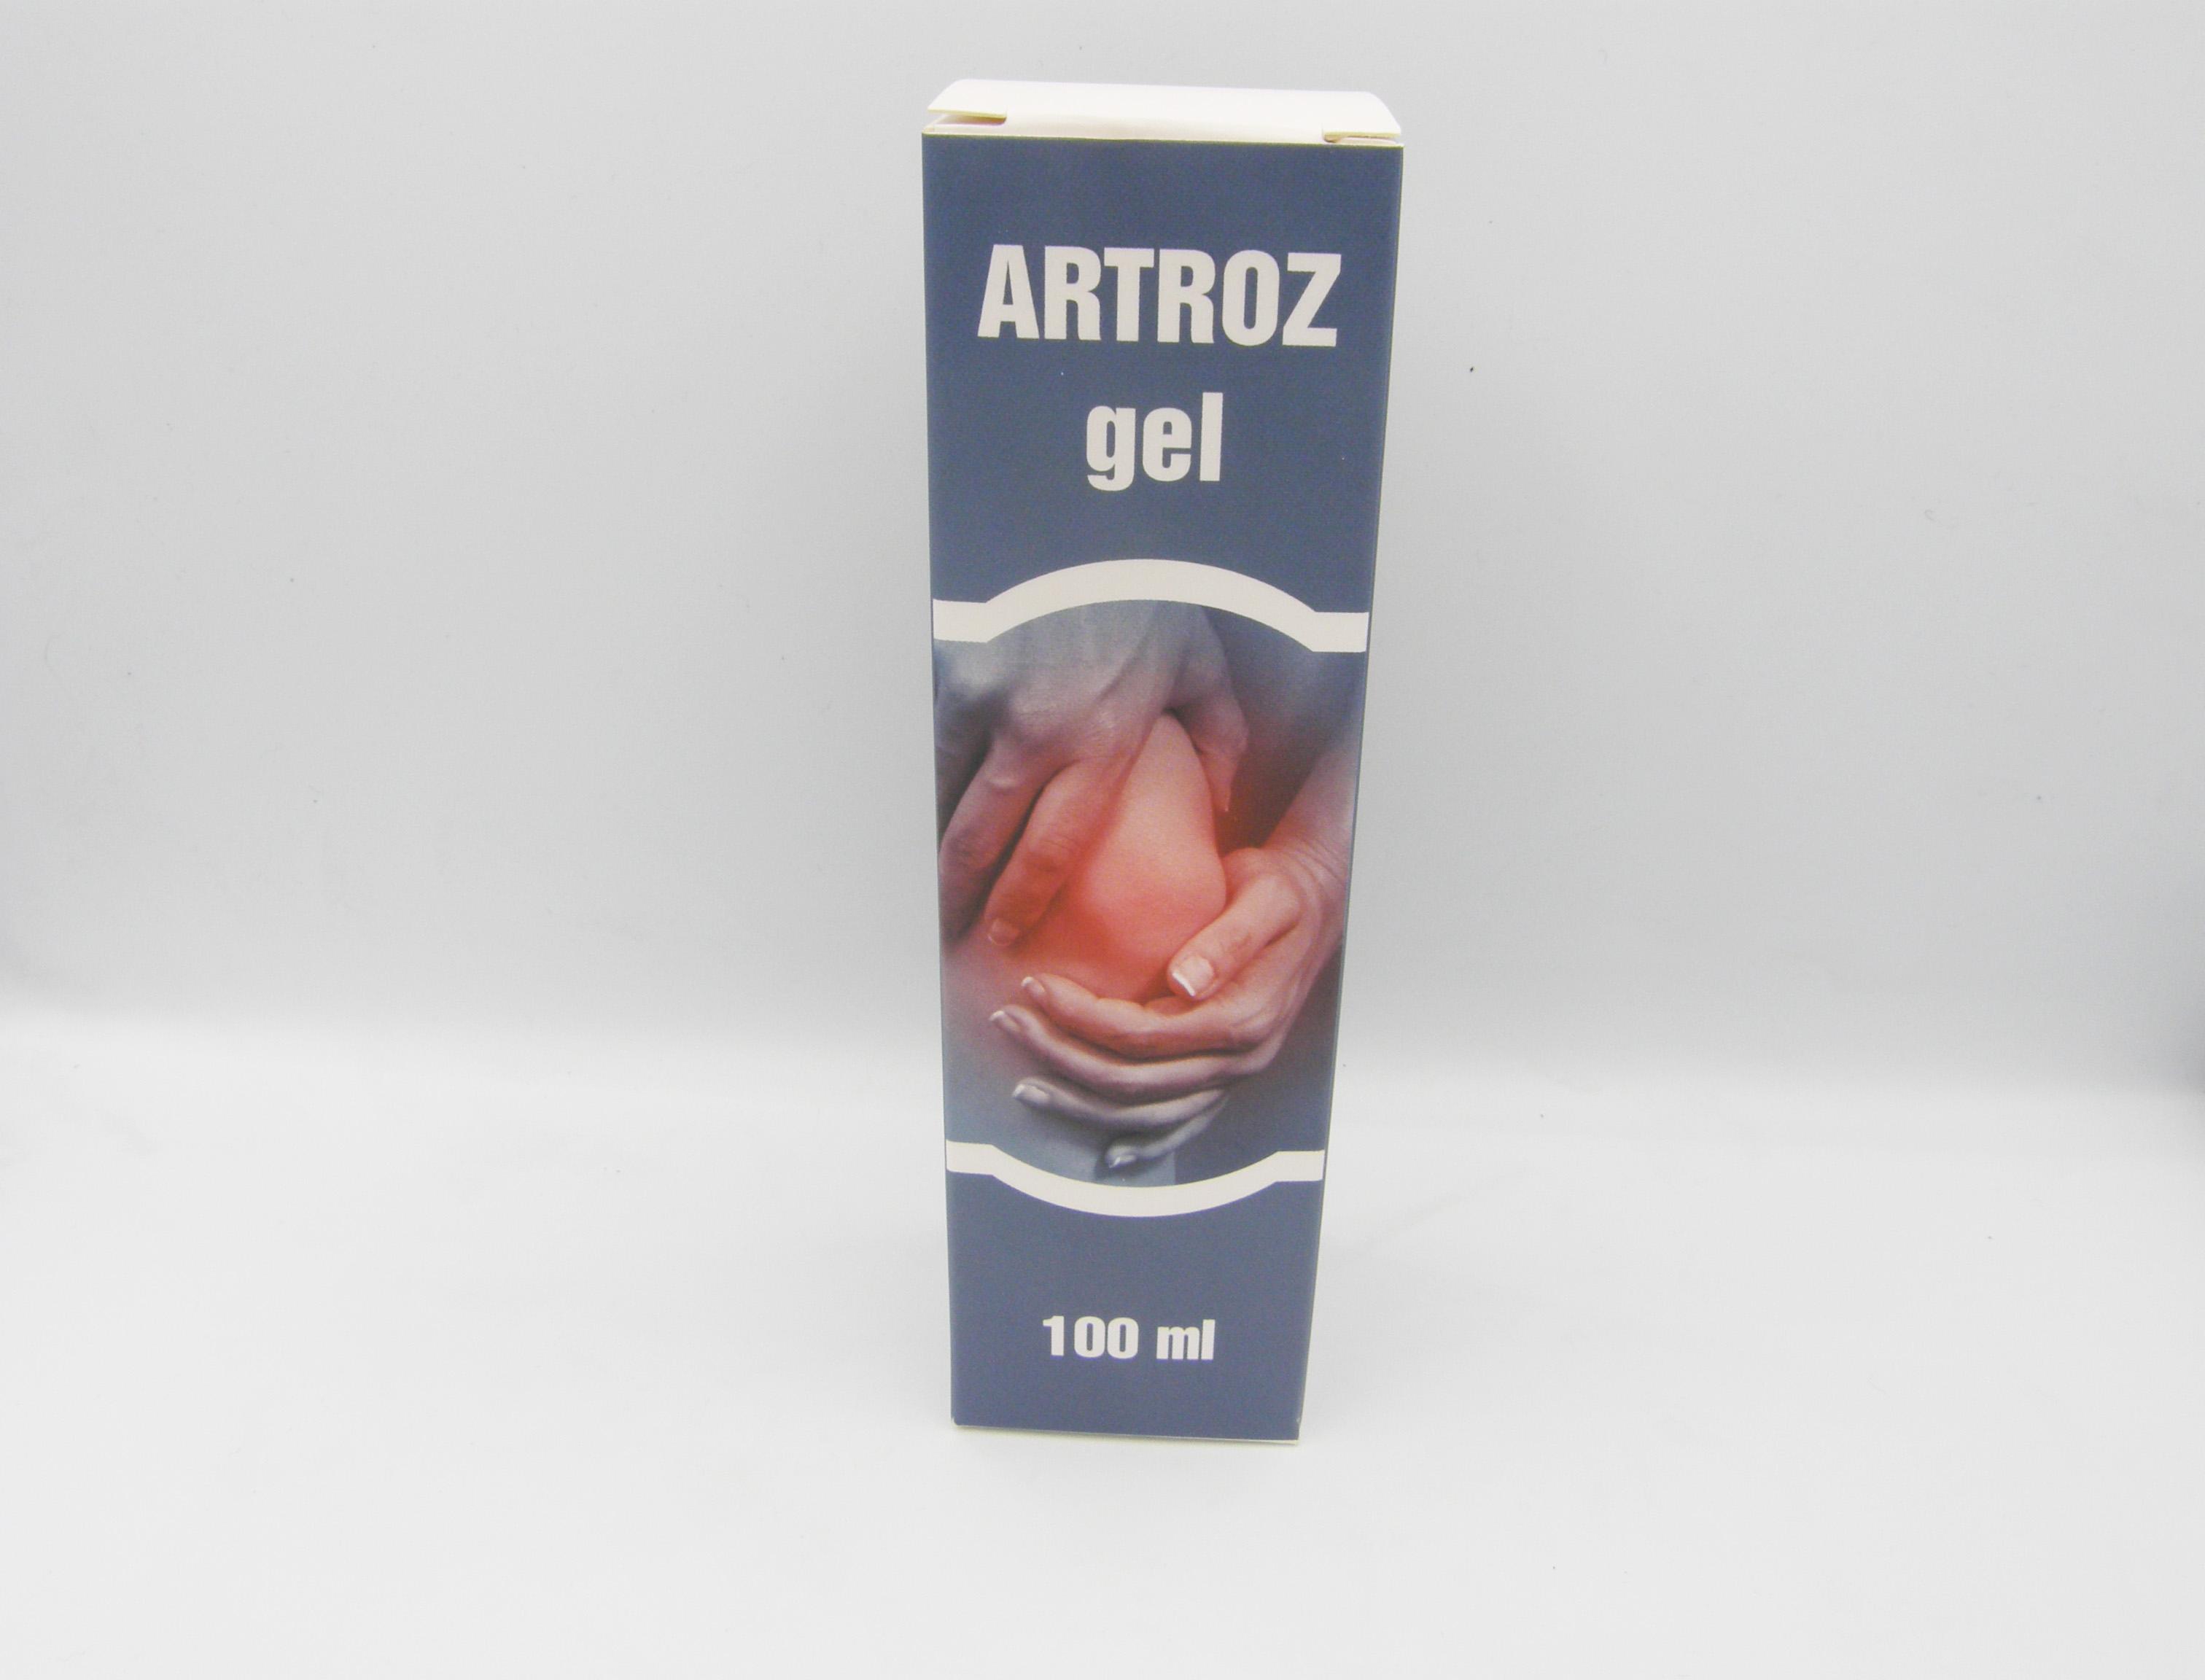 Mi az az artrózis?, Gélek a csípőízület artrózisához